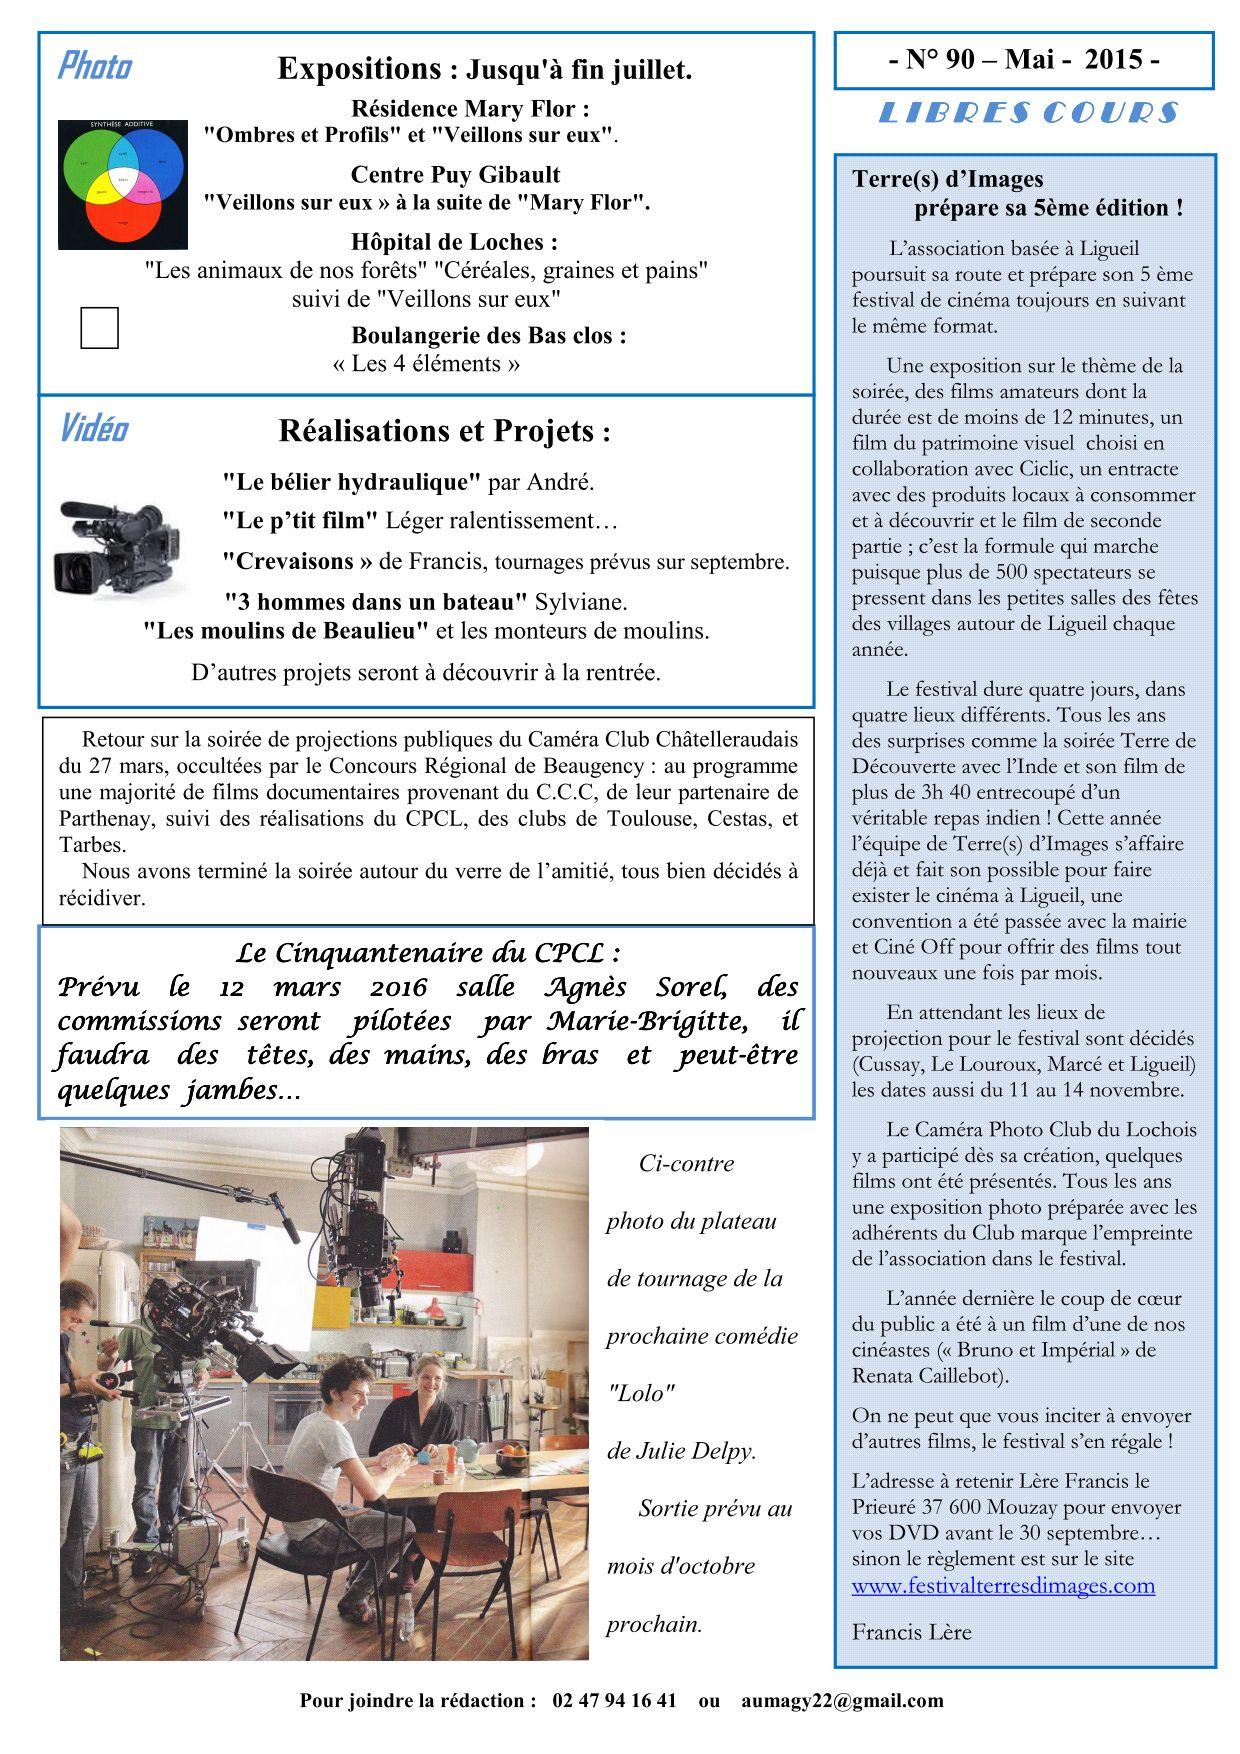 Gazette_n90_p2